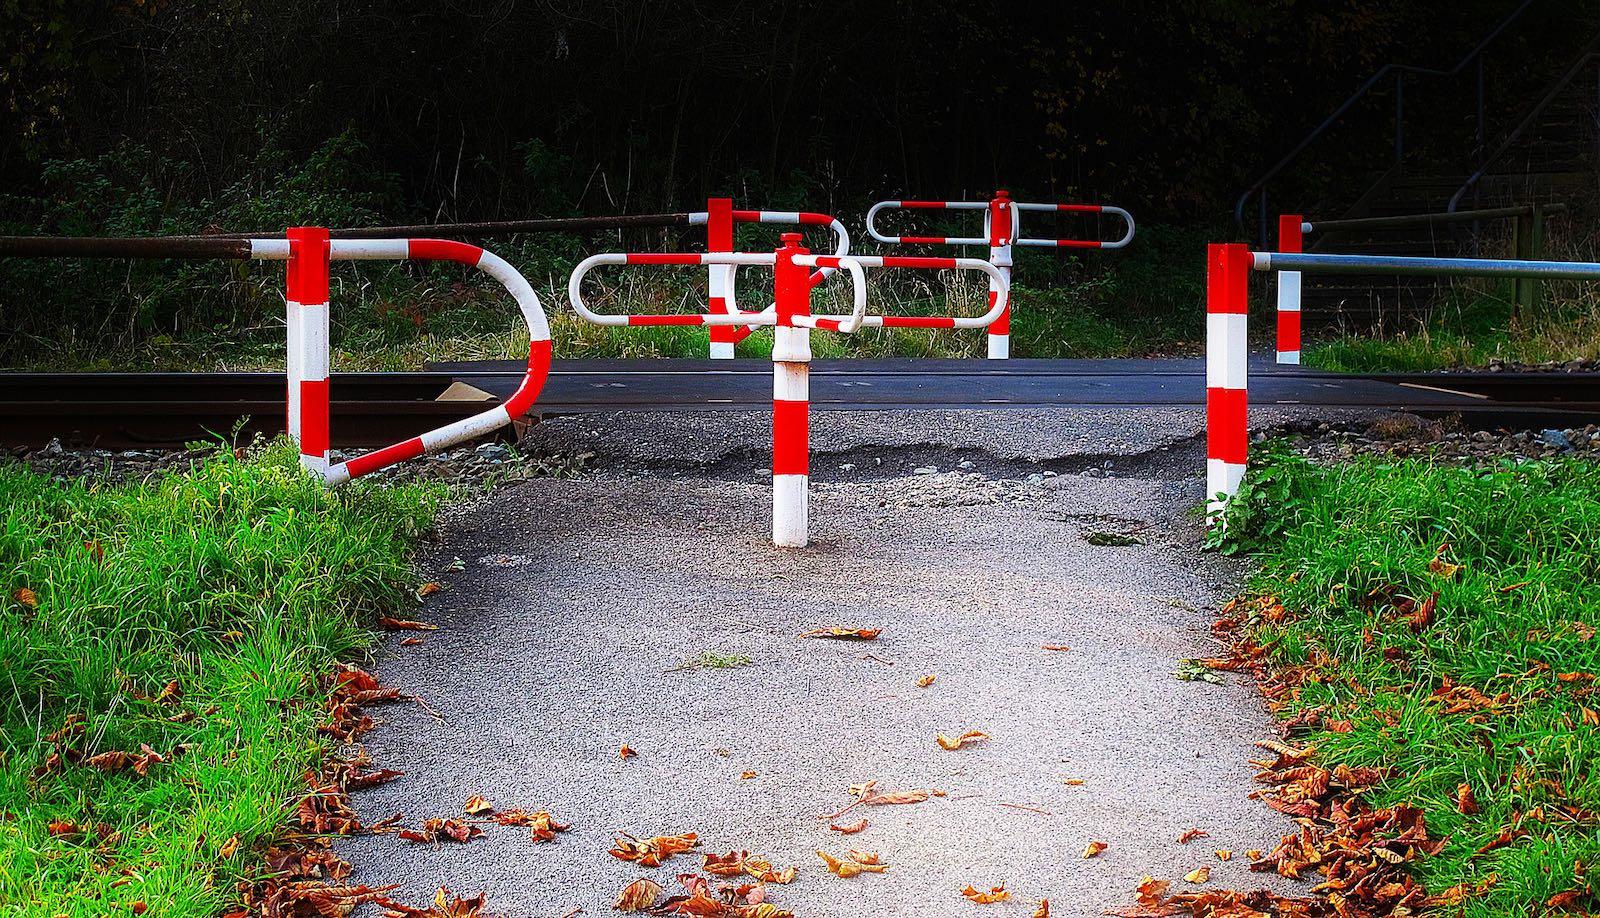 Barrieren werden uns begleiten – trotz aller Vorhaben?